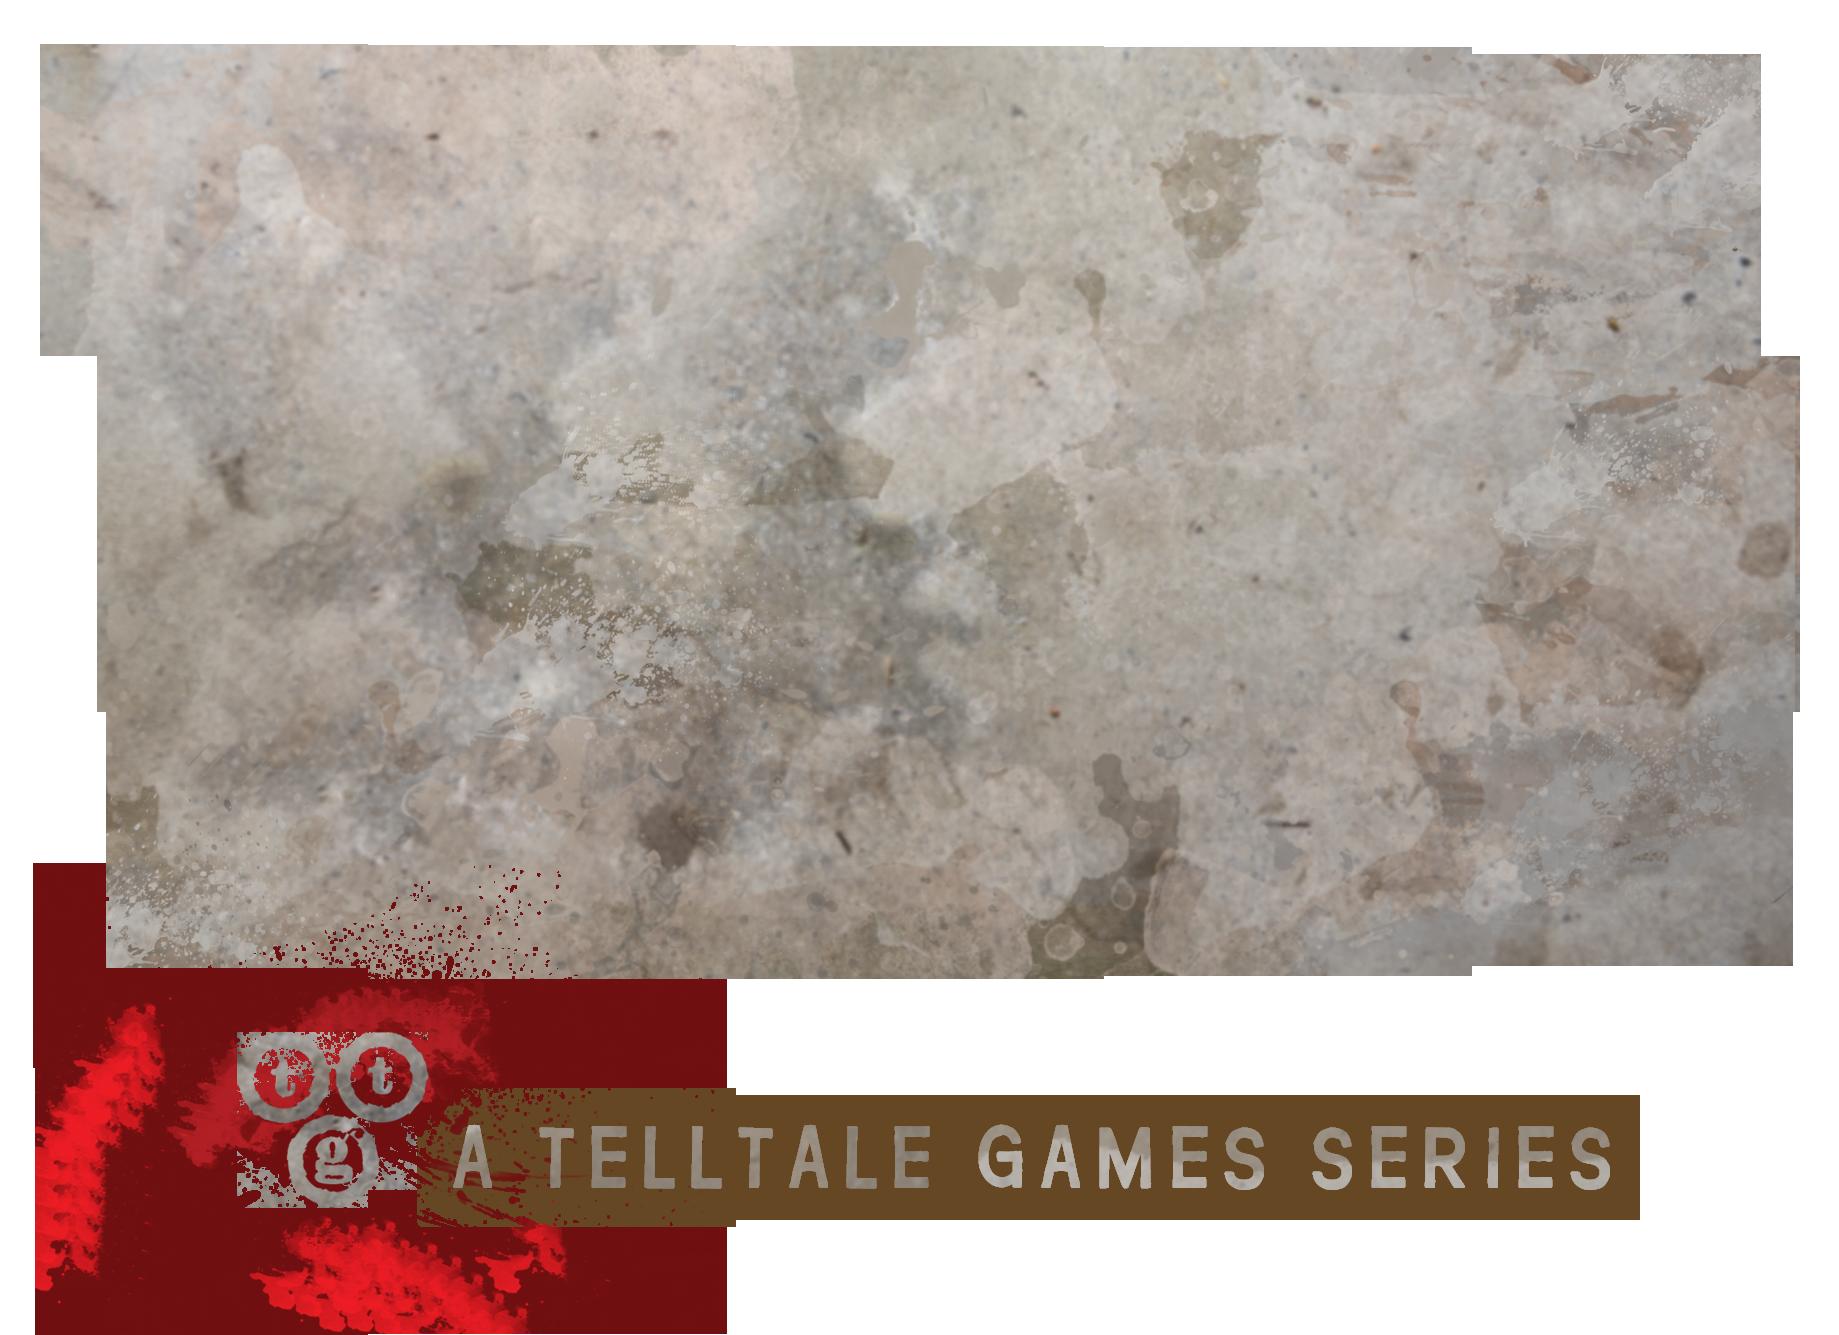 The walking dead Logos